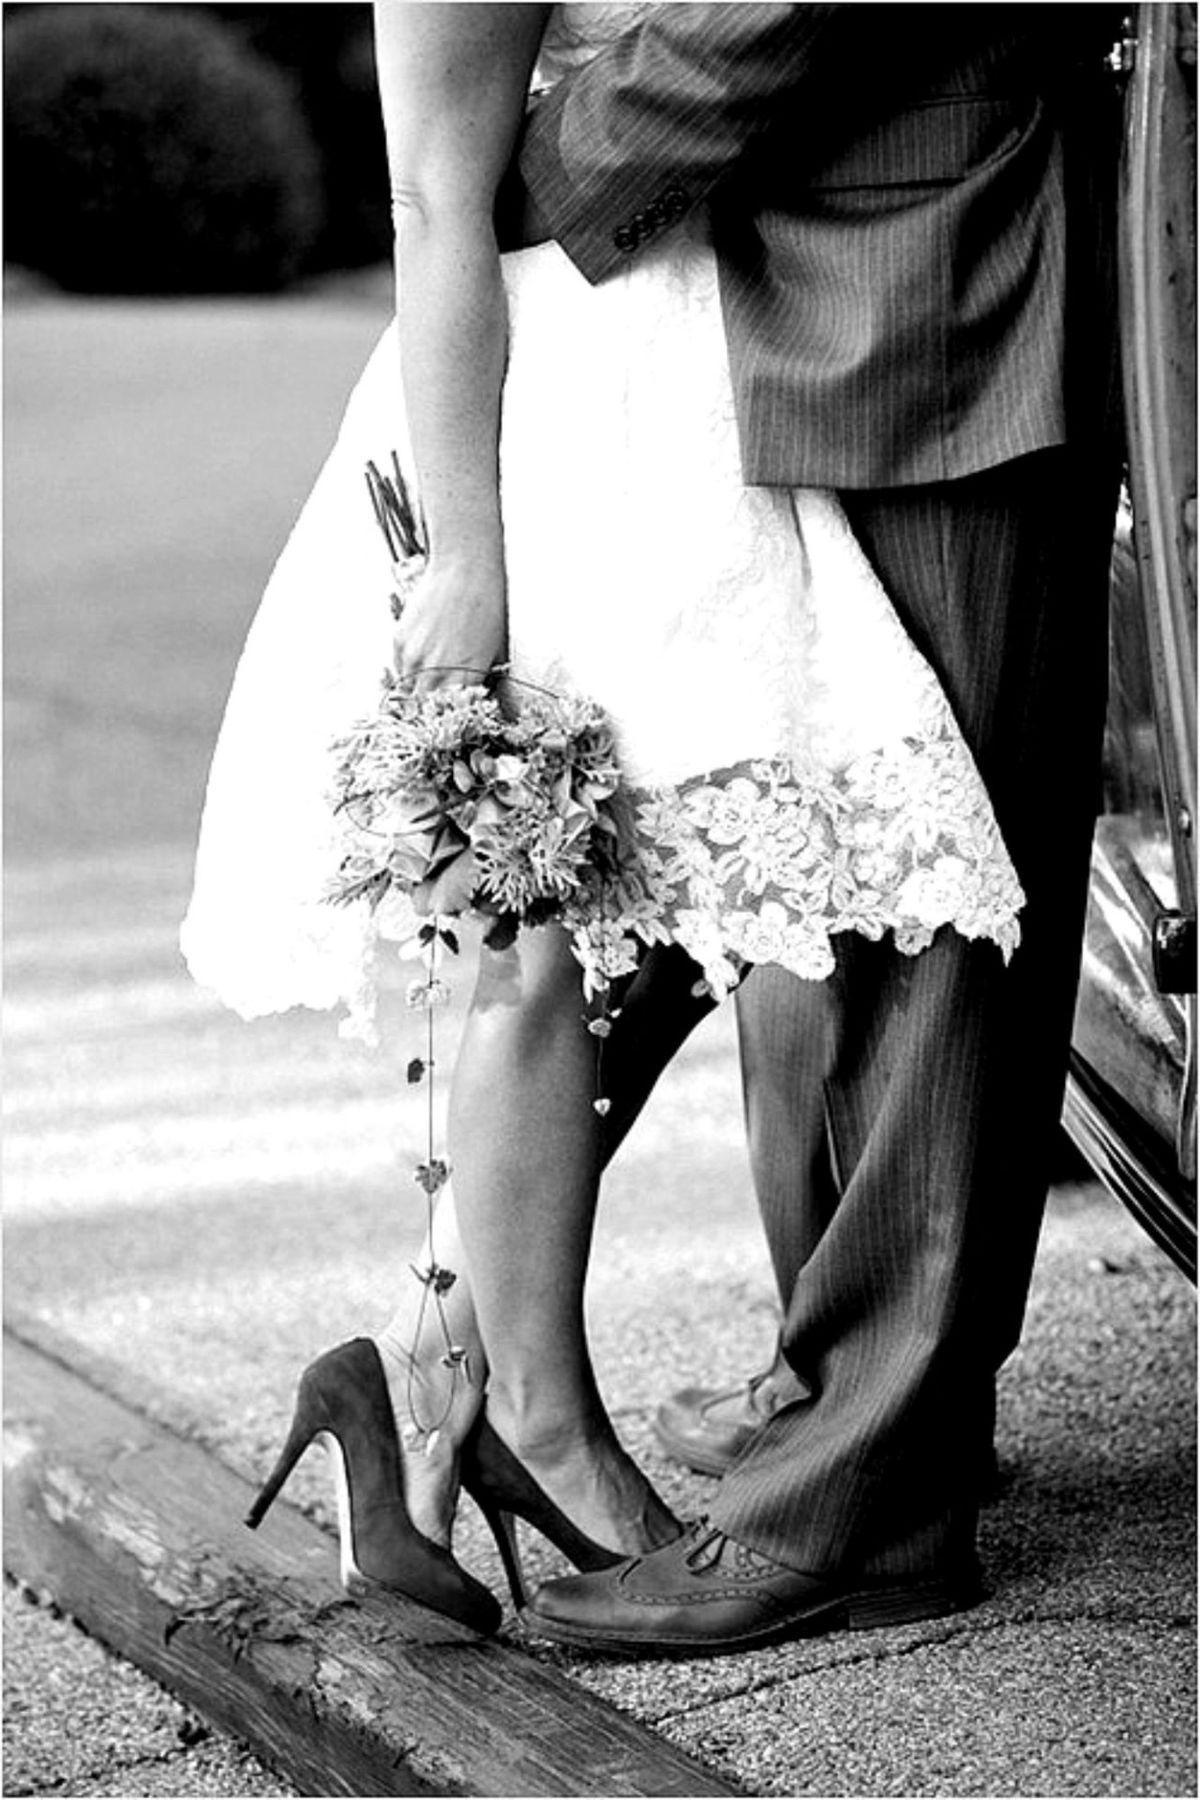 Pin de Kelly Bree en Black & White Photography | Pinterest